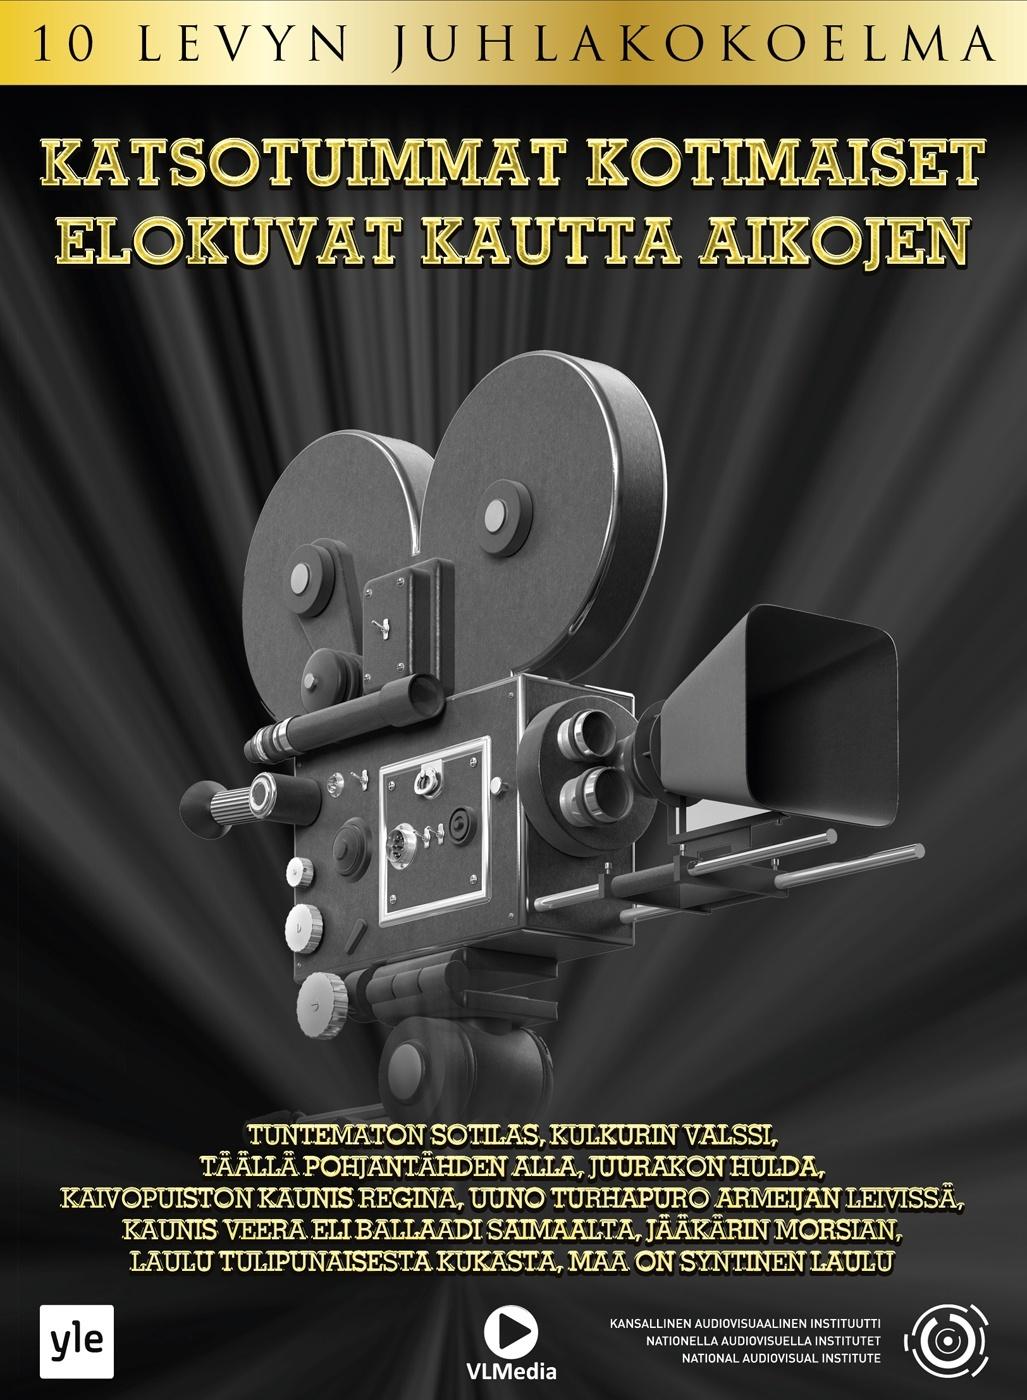 kotimaiset elokuvat 2015 Kajaani